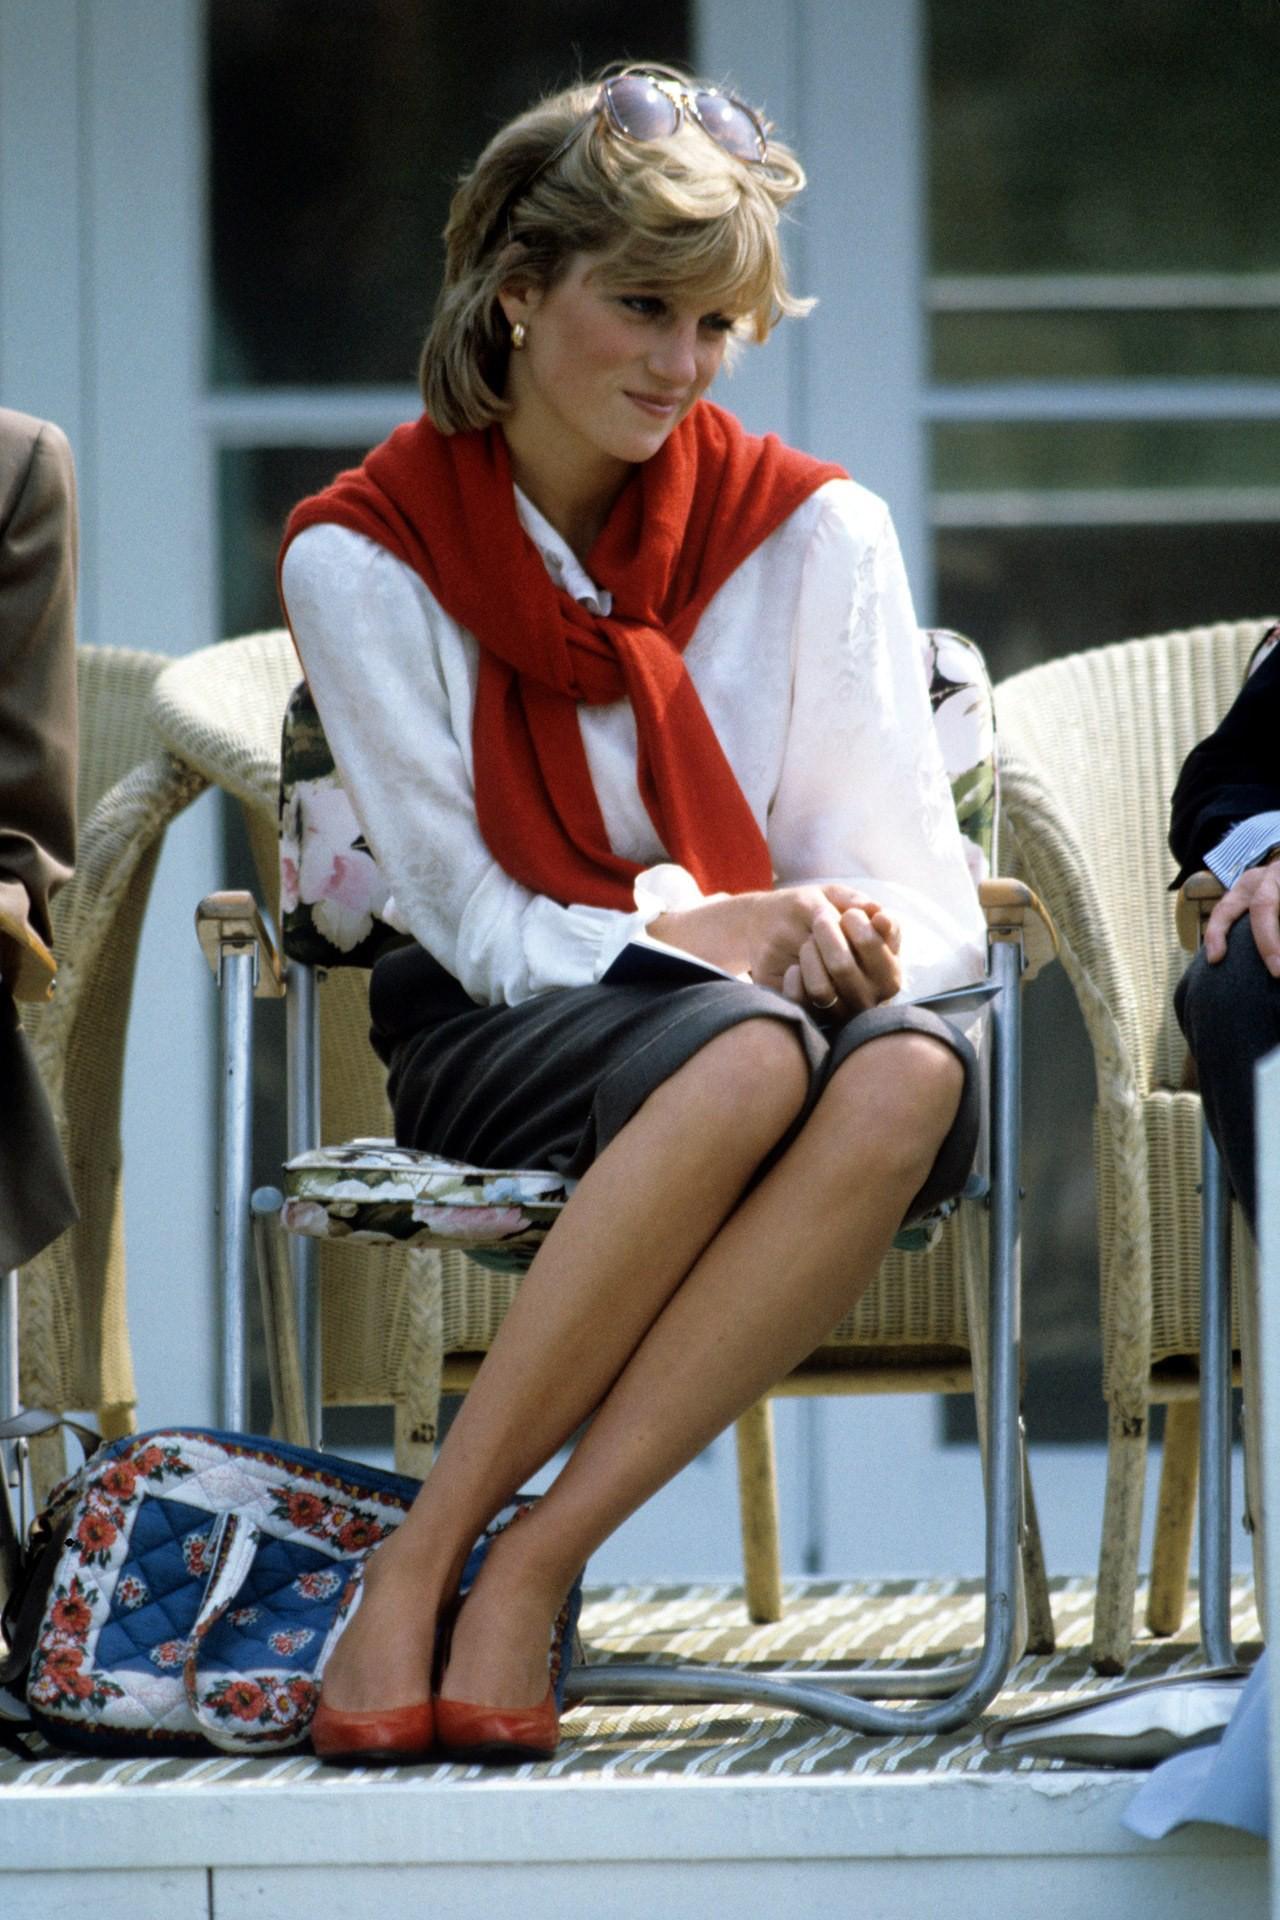 Hóa ra mốt mặc cardigan 'lấy lệ' của sao Hàn là học lỏm từ Công nương Diana - Ảnh 2